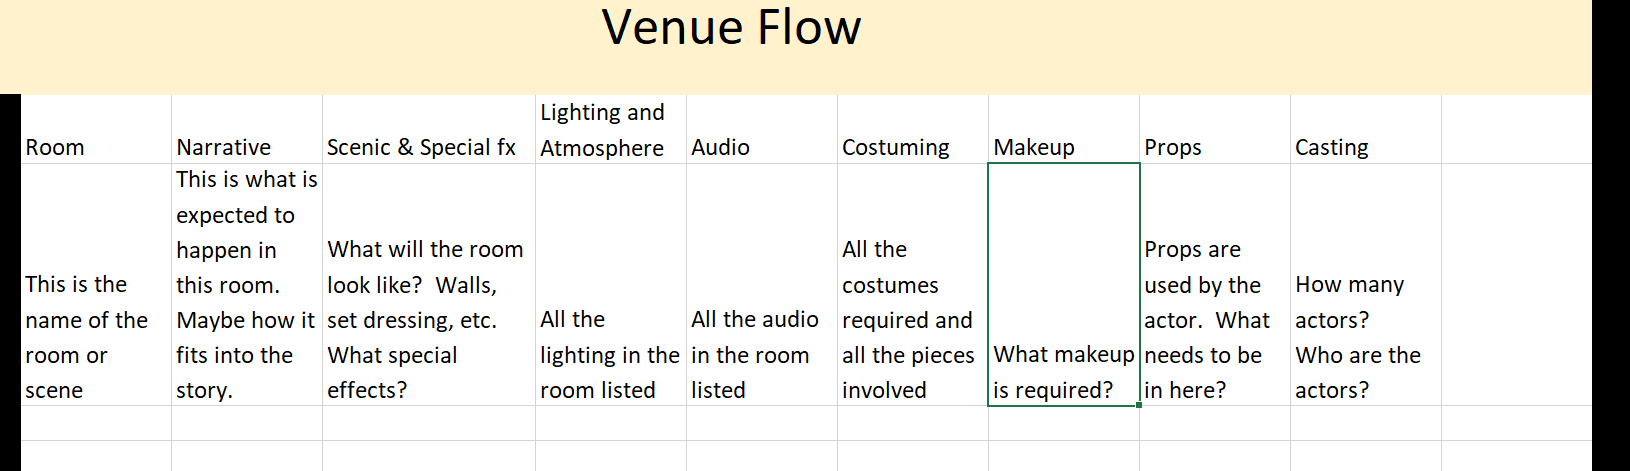 Name:  venue flow image.PNG Views: 38 Size:  43.8 KB